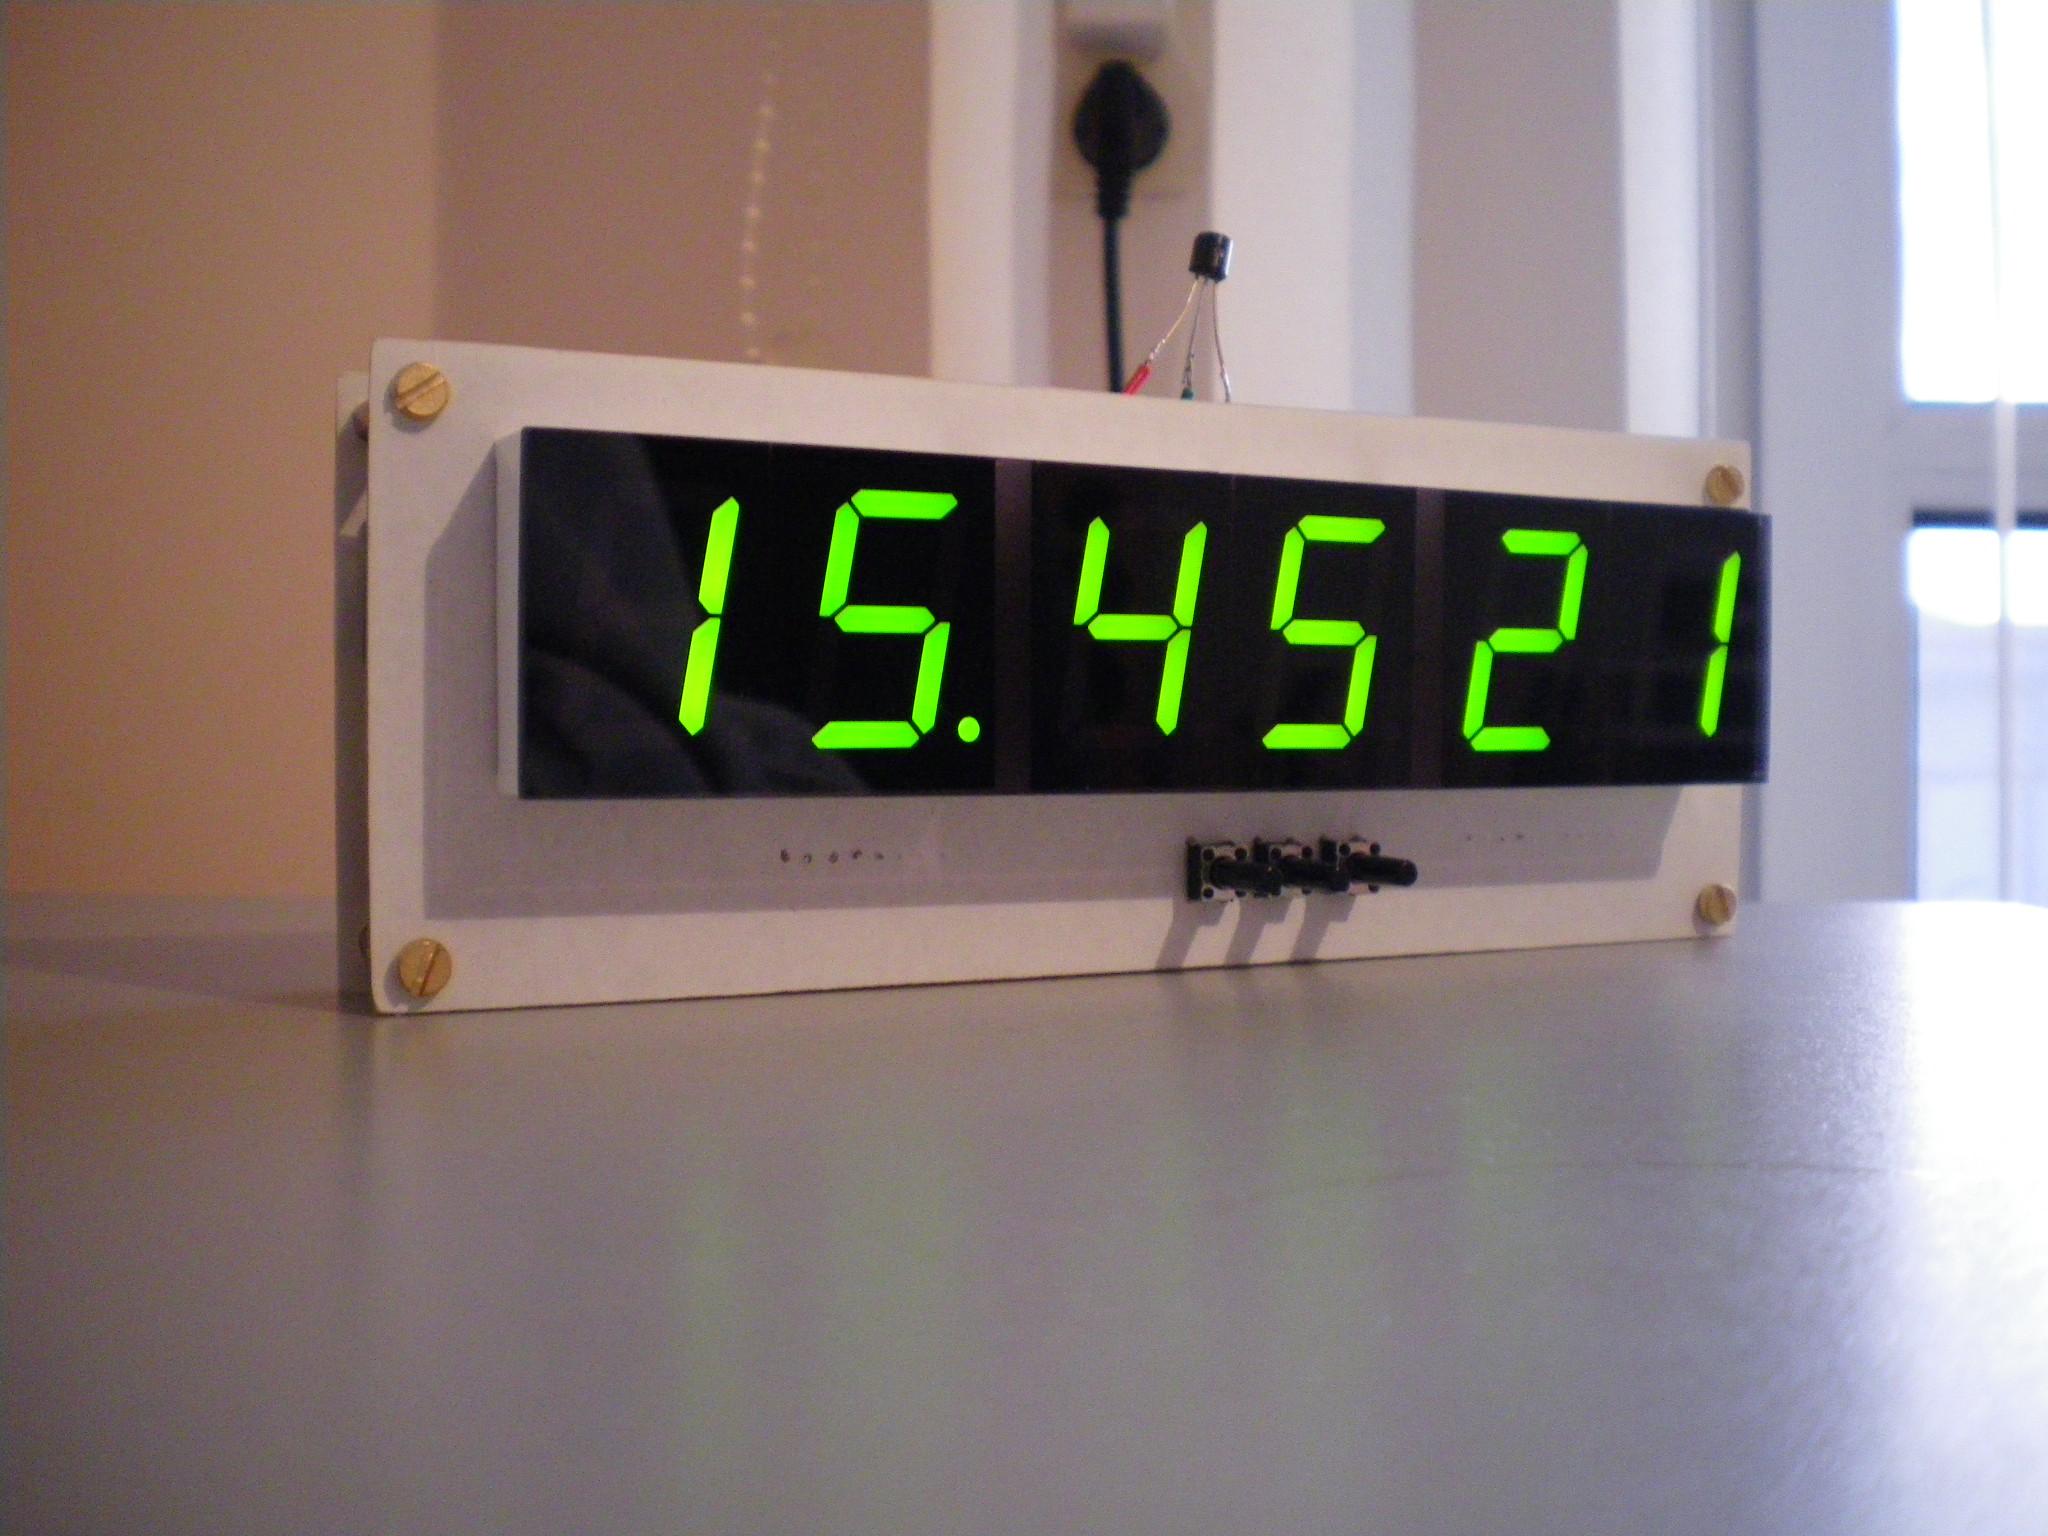 Zegar LED + DS18B20 + kalibracja chodu